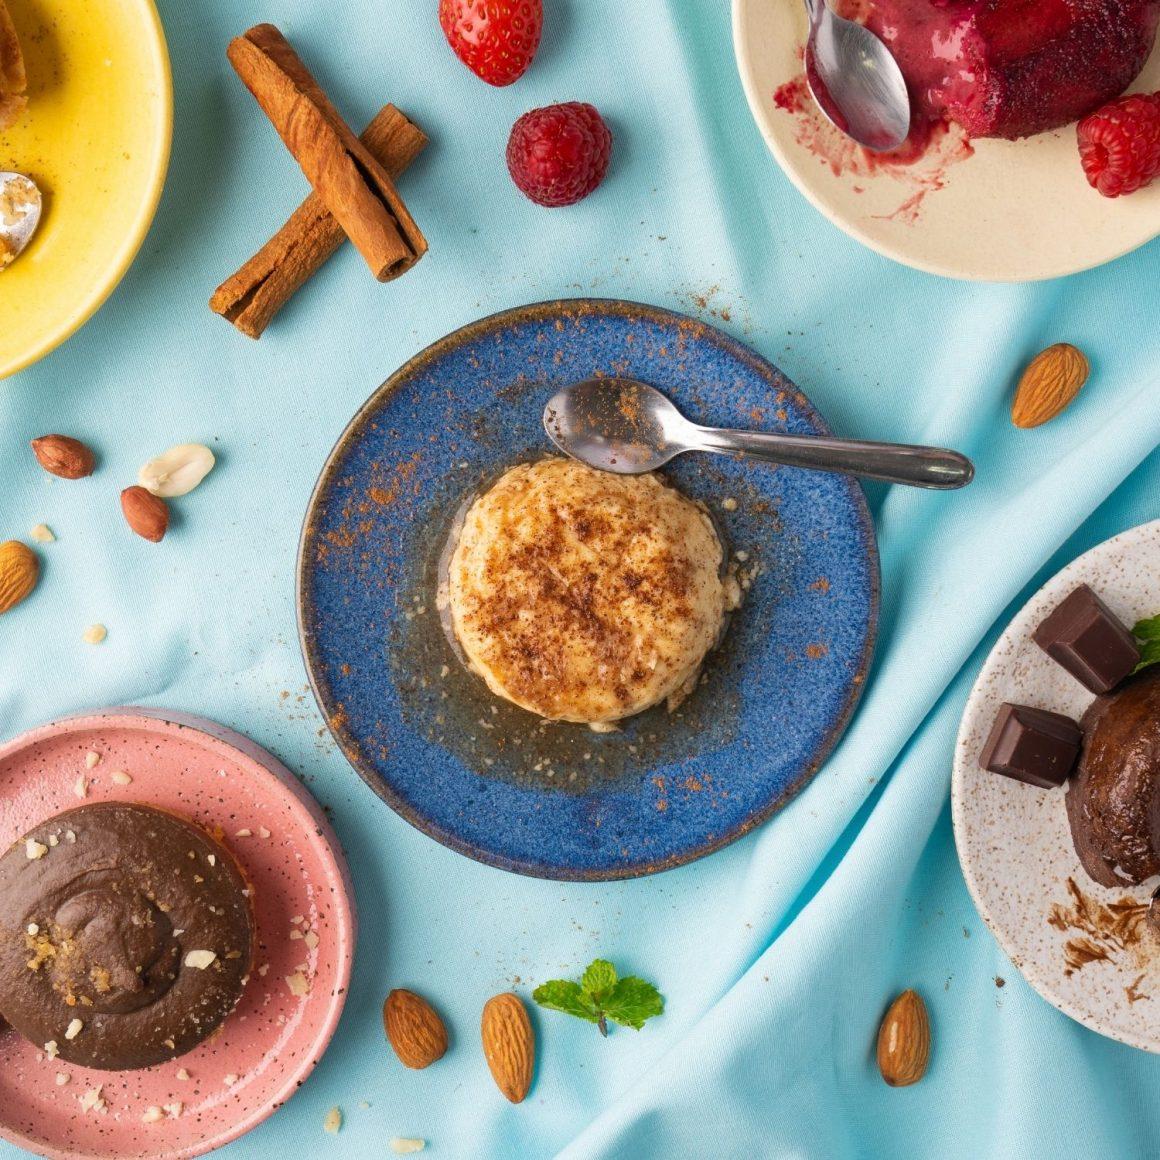 doces sem açúcar da liv up em uma mesa